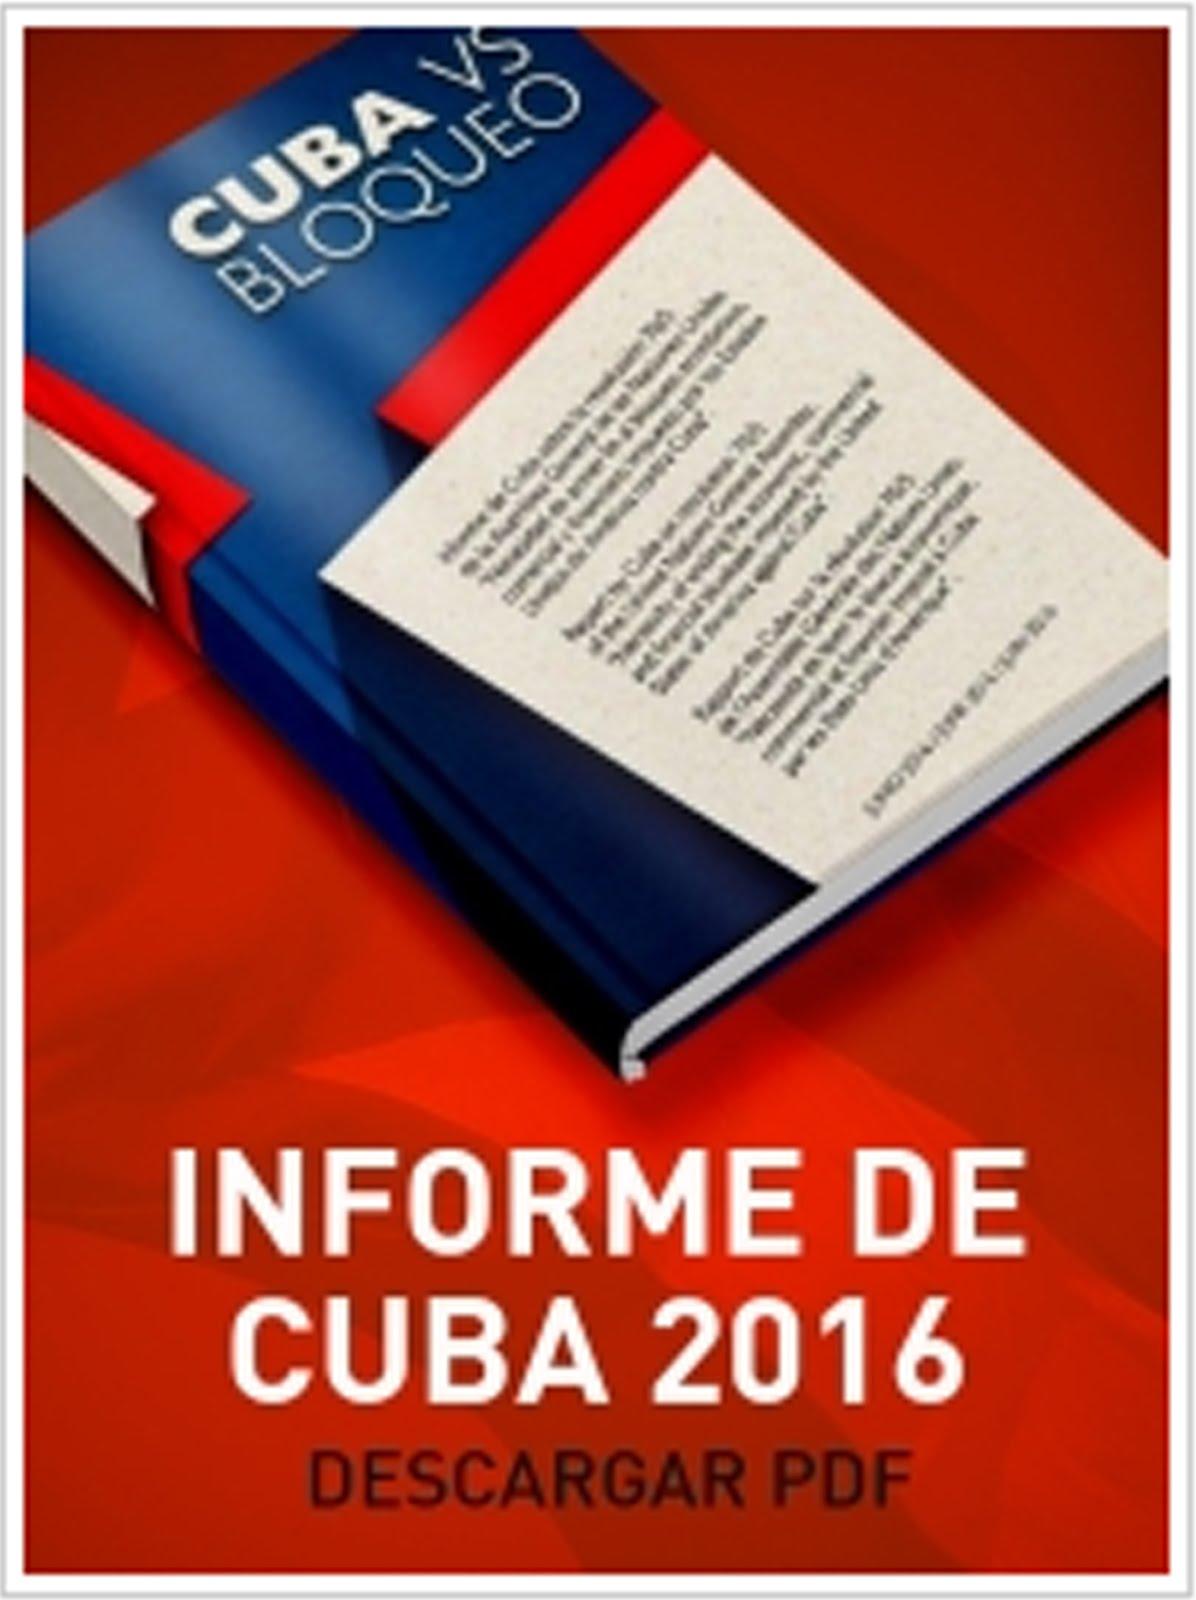 Informe de Cuba denunciando el bloqueo 2016